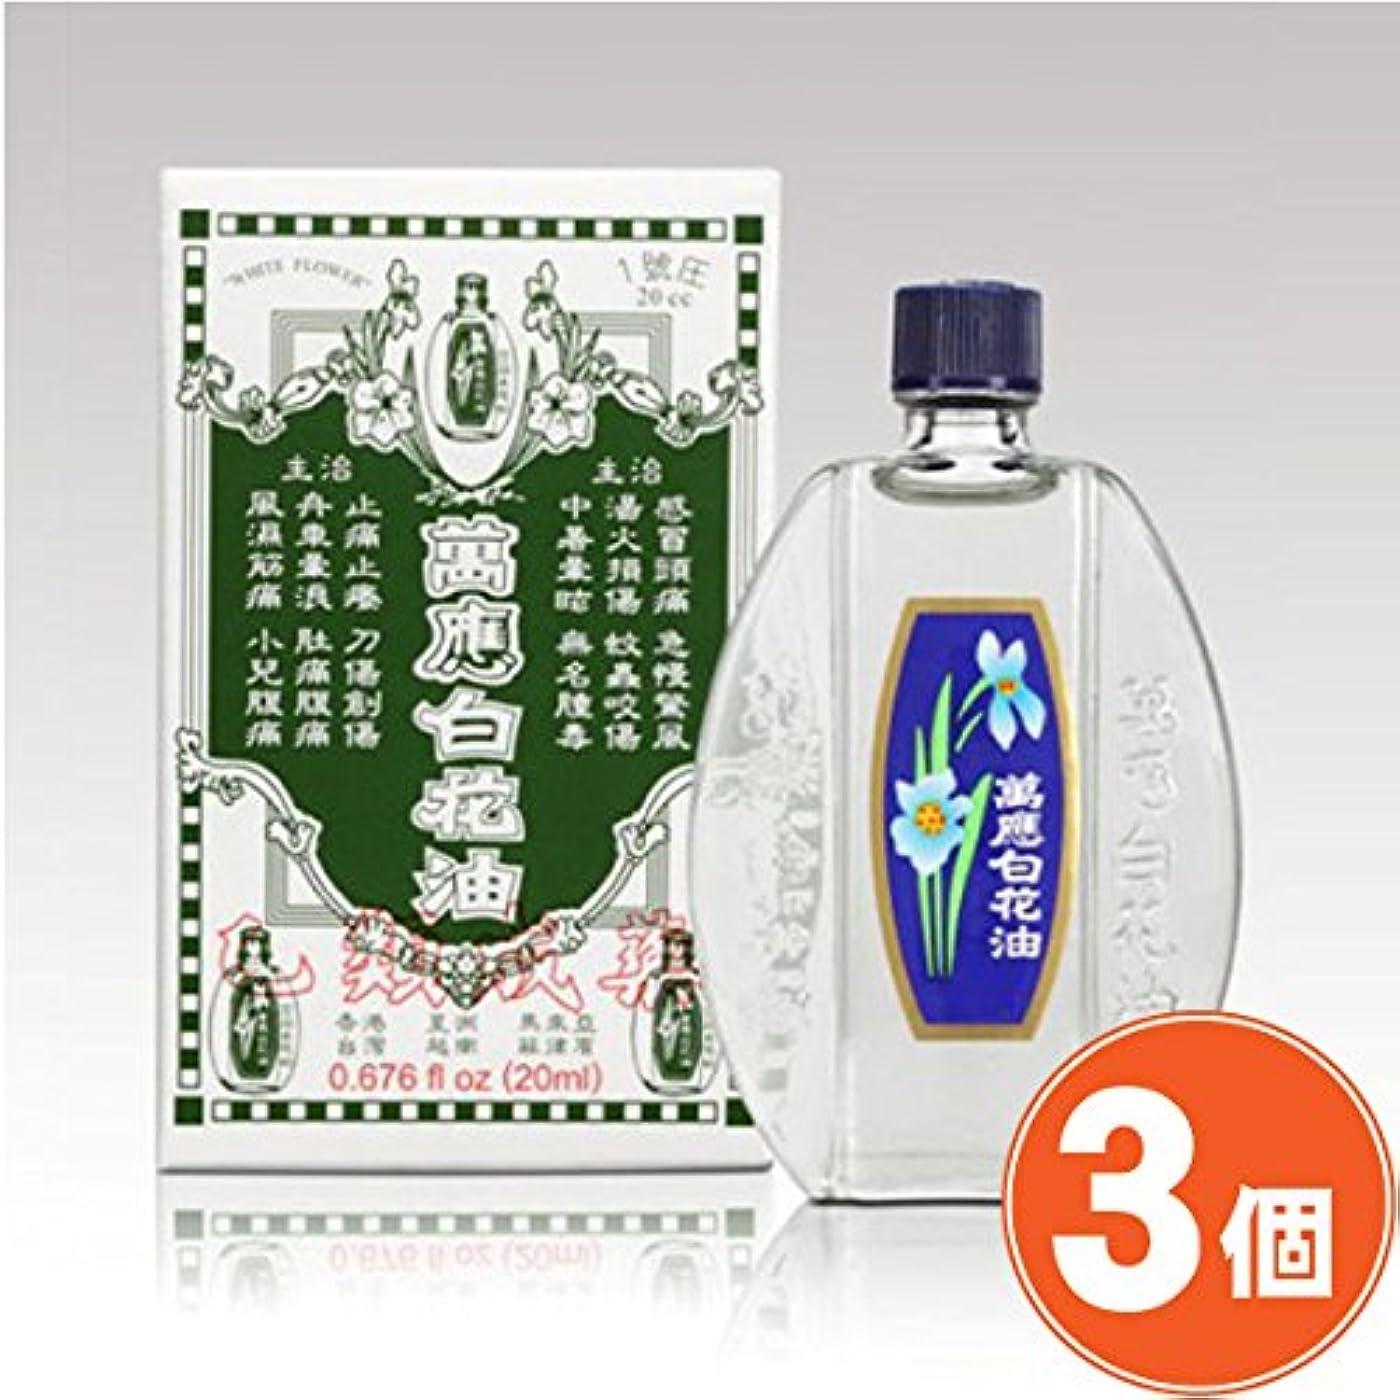 ソフィー素子として《萬應白花油》 台湾の万能アロマオイル 万能白花油 20ml × 3個《台湾 お土産》 [並行輸入品]